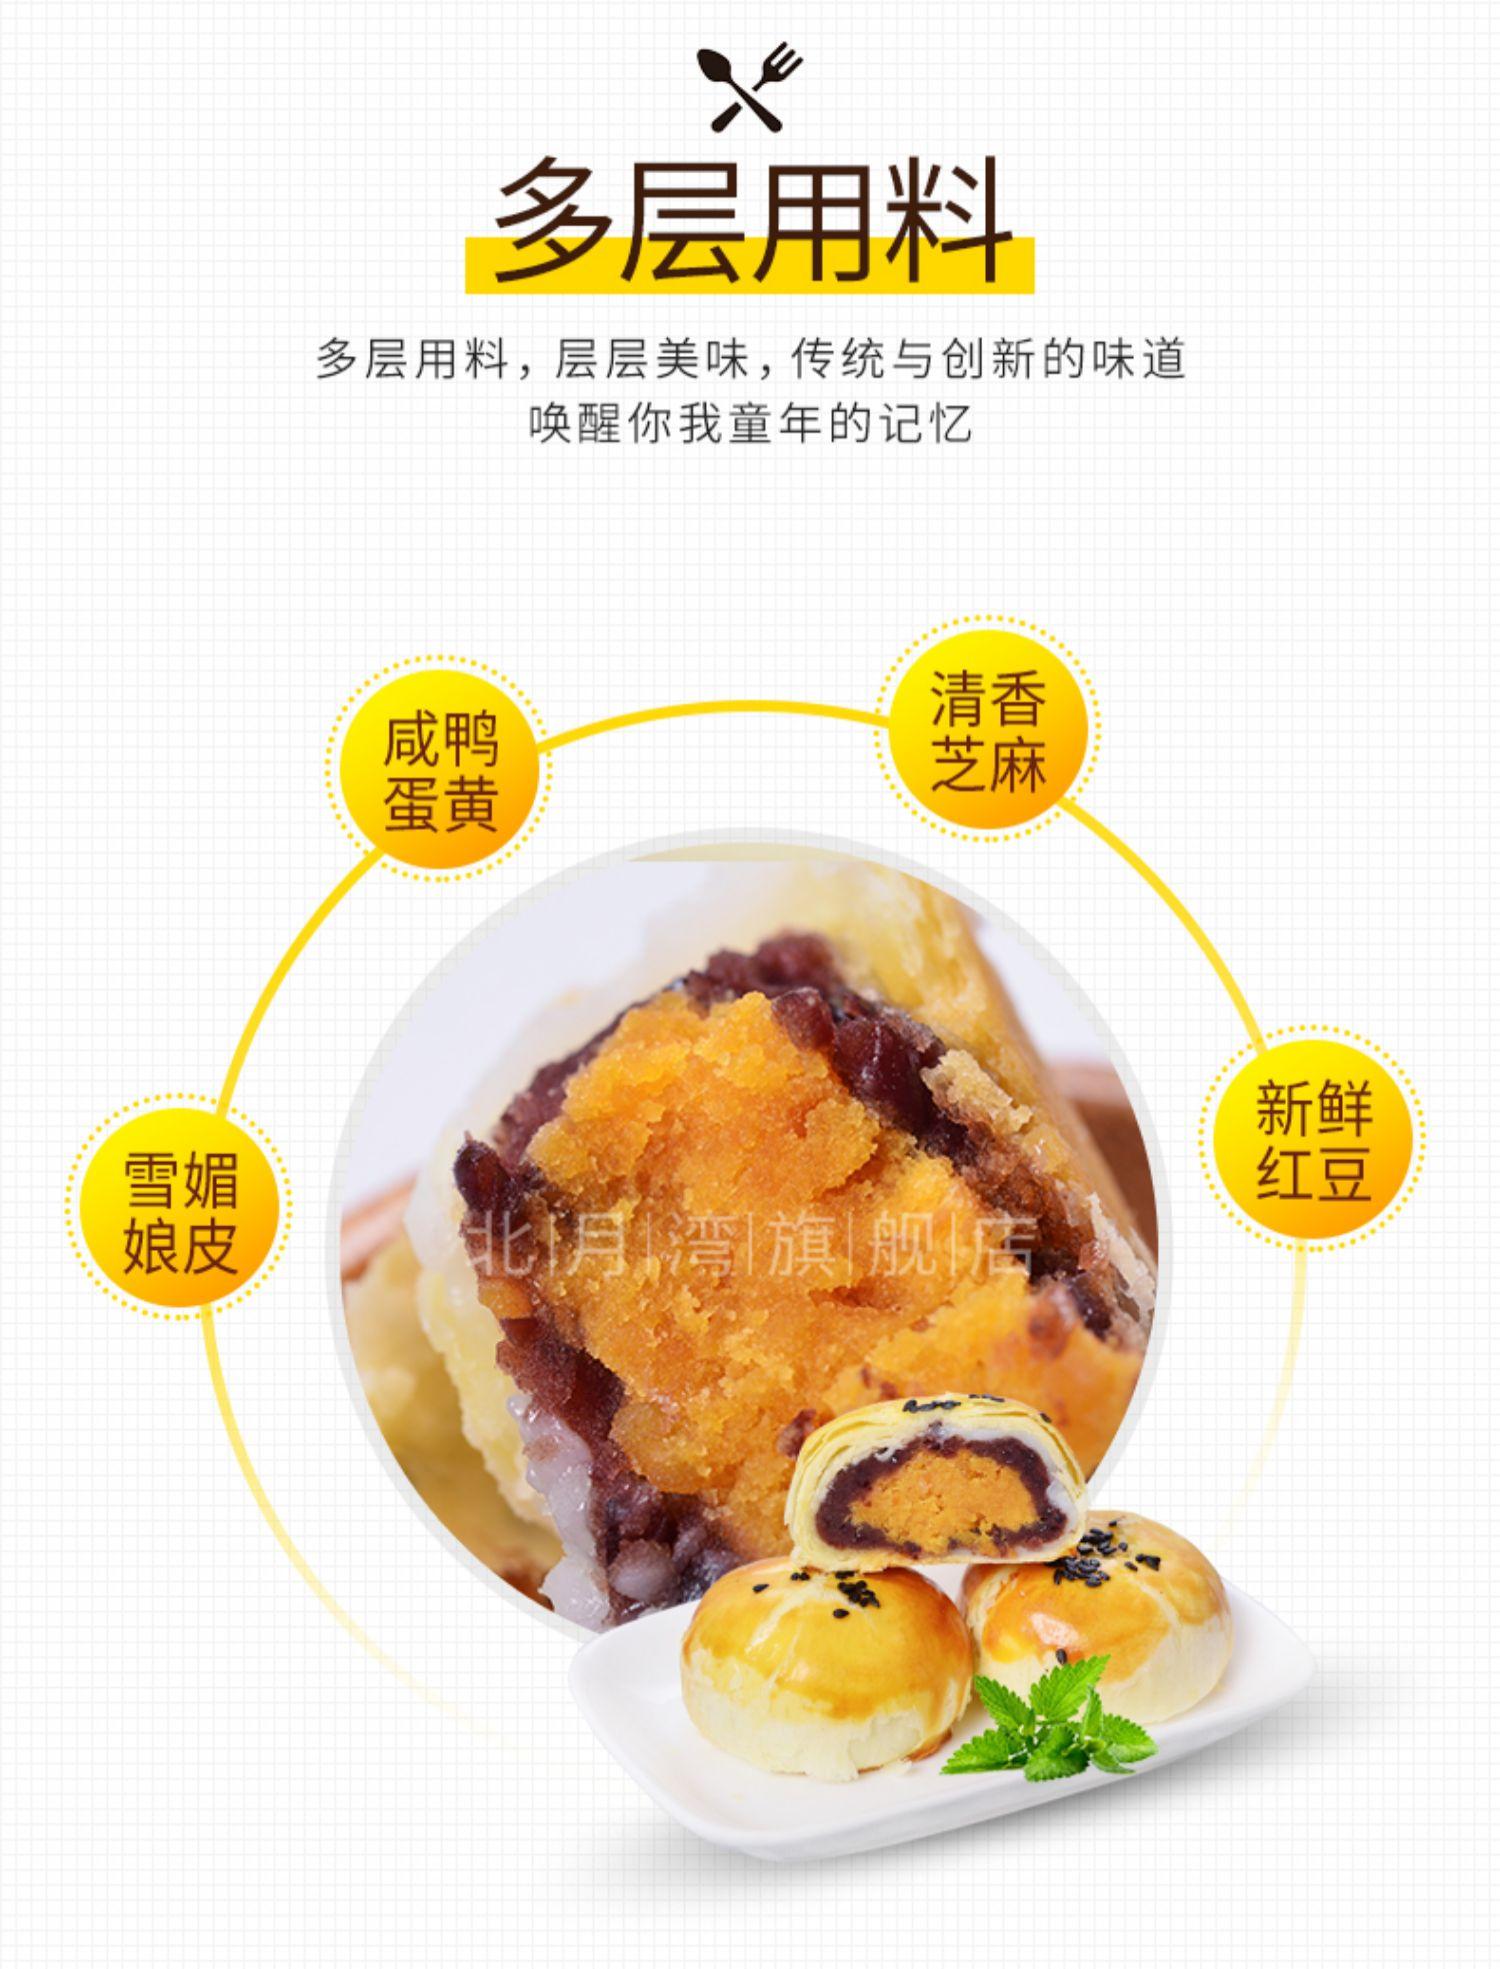 【北月湾旗舰店】红豆味雪媚娘蛋黄酥6枚